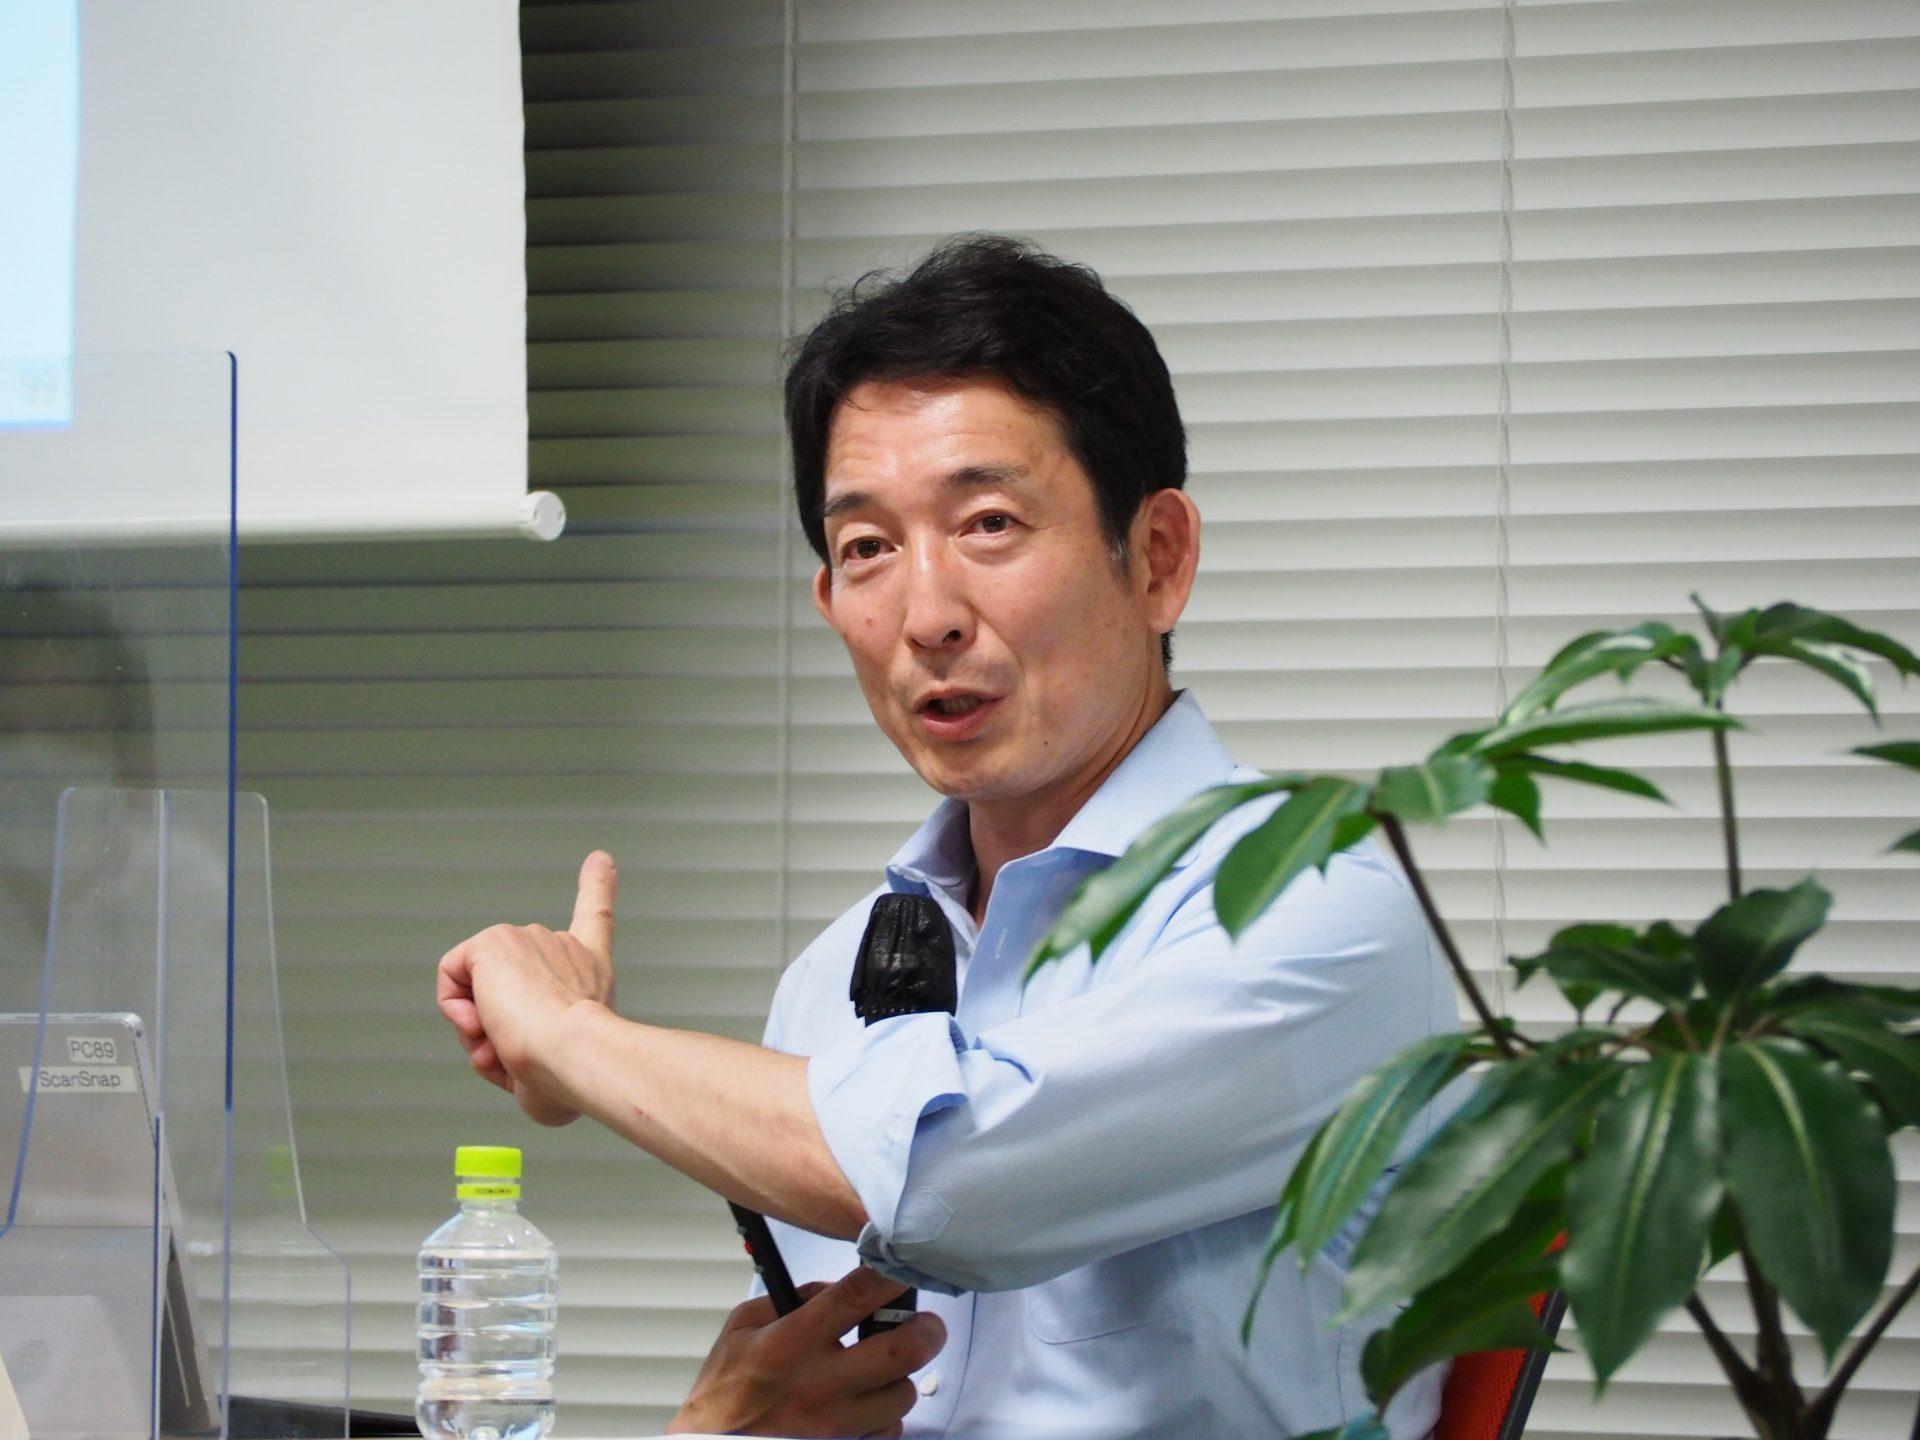 【開催報告】第10期医療政策アカデミー 第1回「イントロダクション」(2021年6月10日)